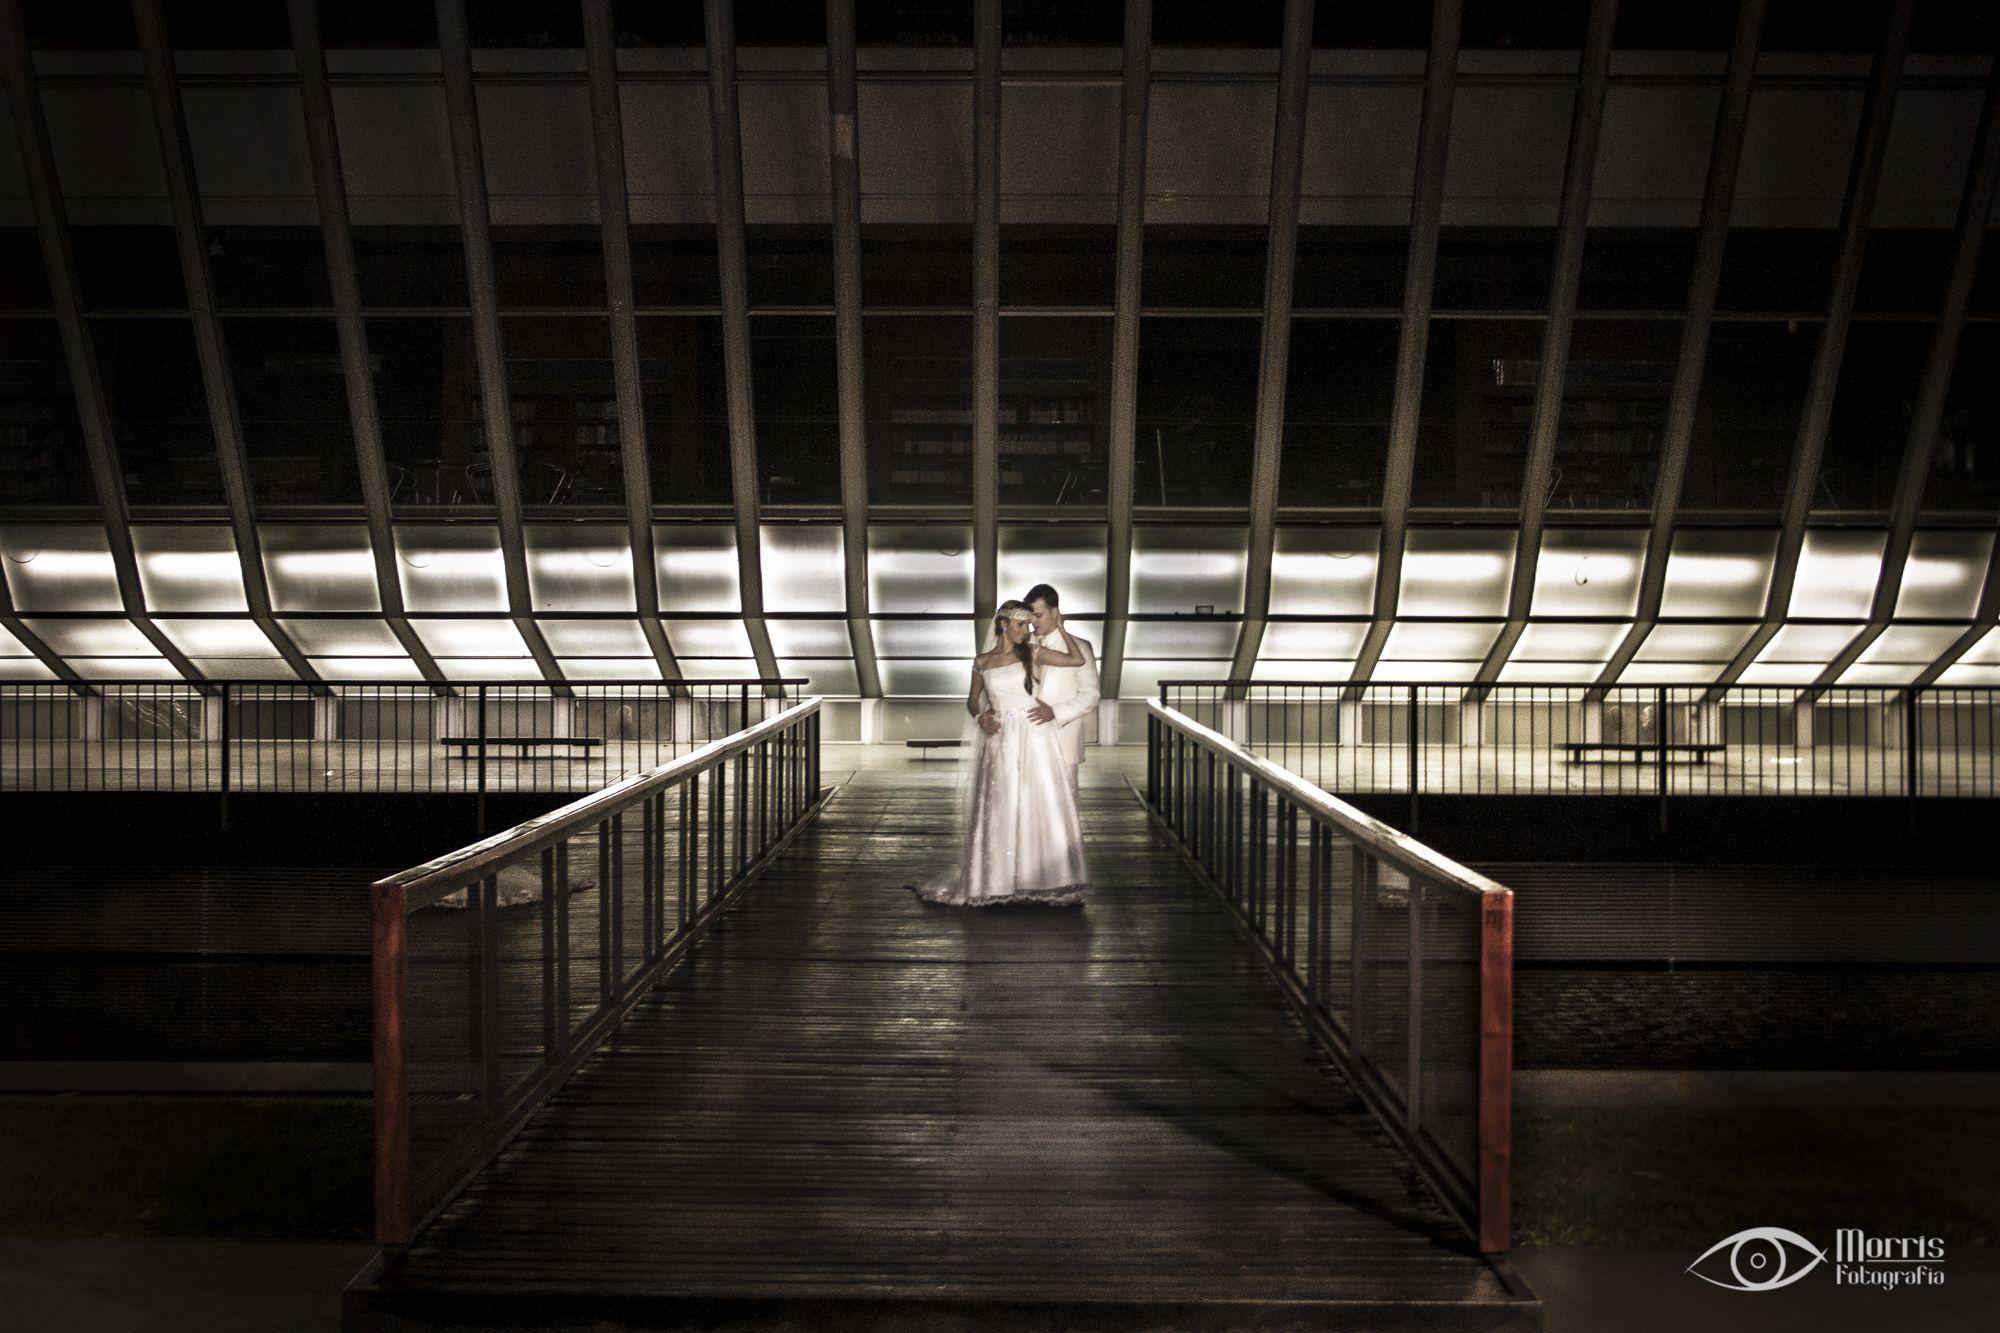 Tu Boda, el día más importante de tu vida. Hacemos de esta celebración una romántica historia de Amor en imágenes. PH: Morris #Boda #Fotografiadeboda #novios #wedding #weedingday #weddingphtography